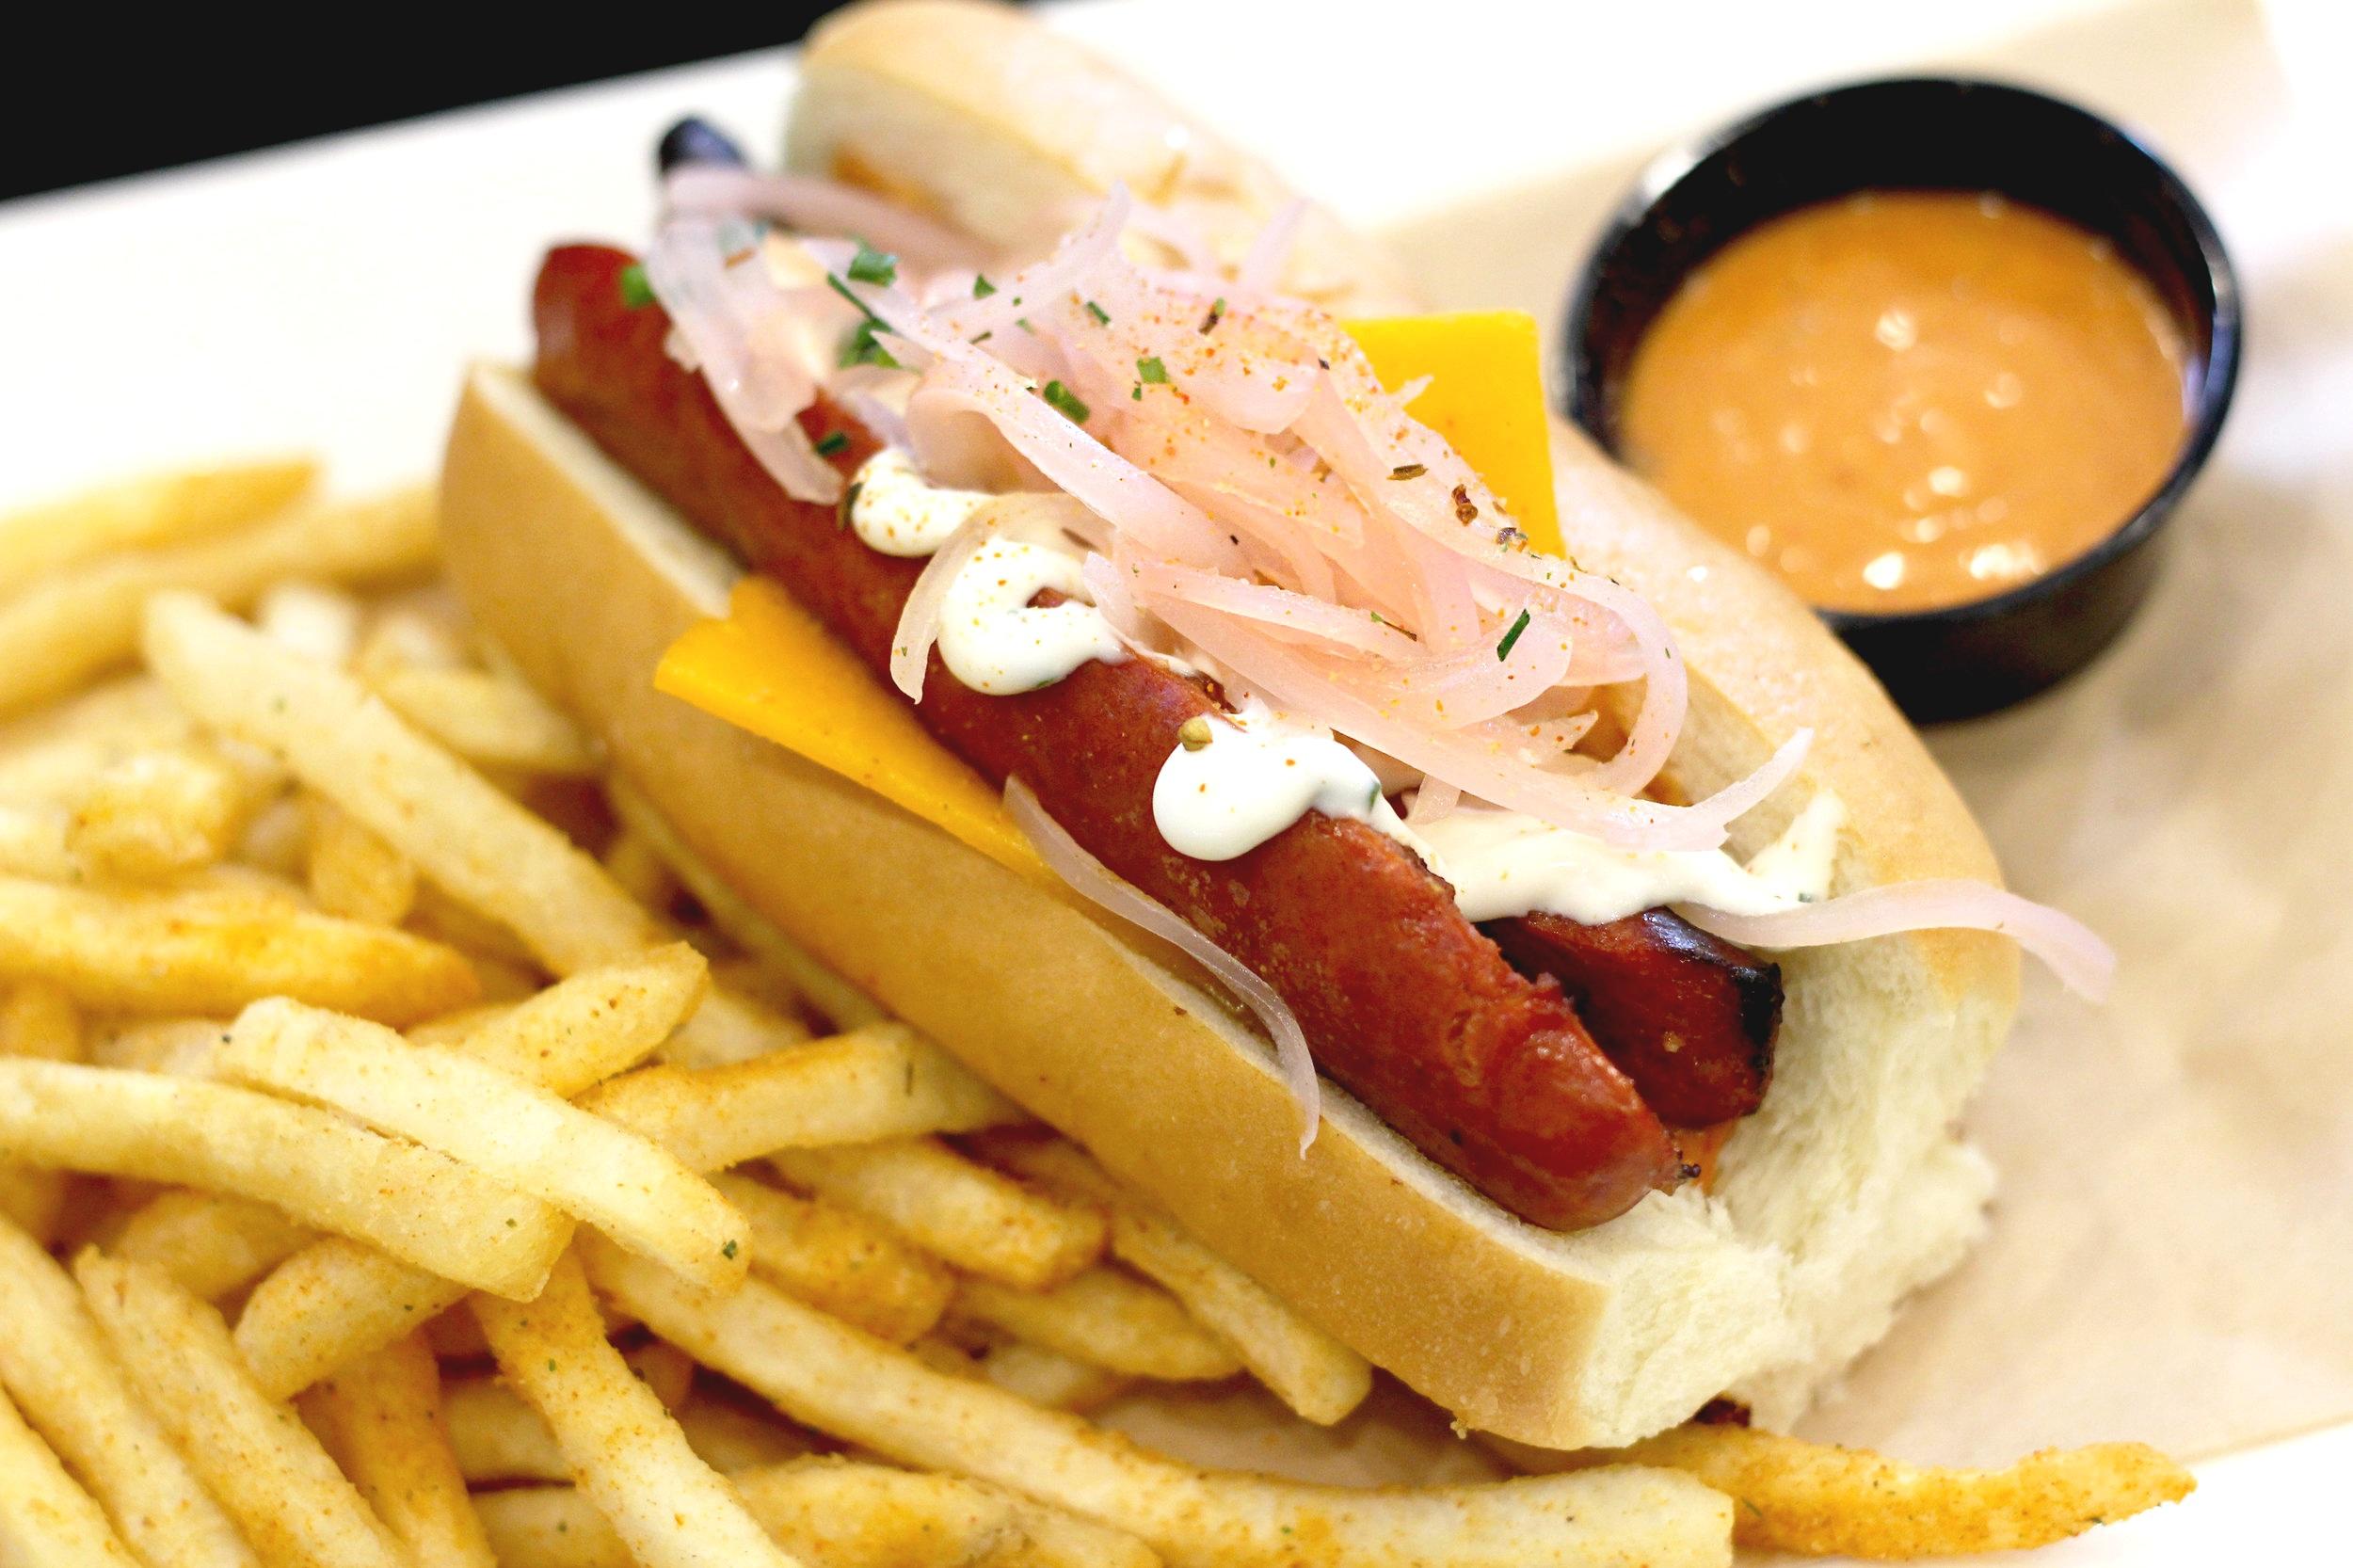 station8-cajun-sausage-the-bank.jpg